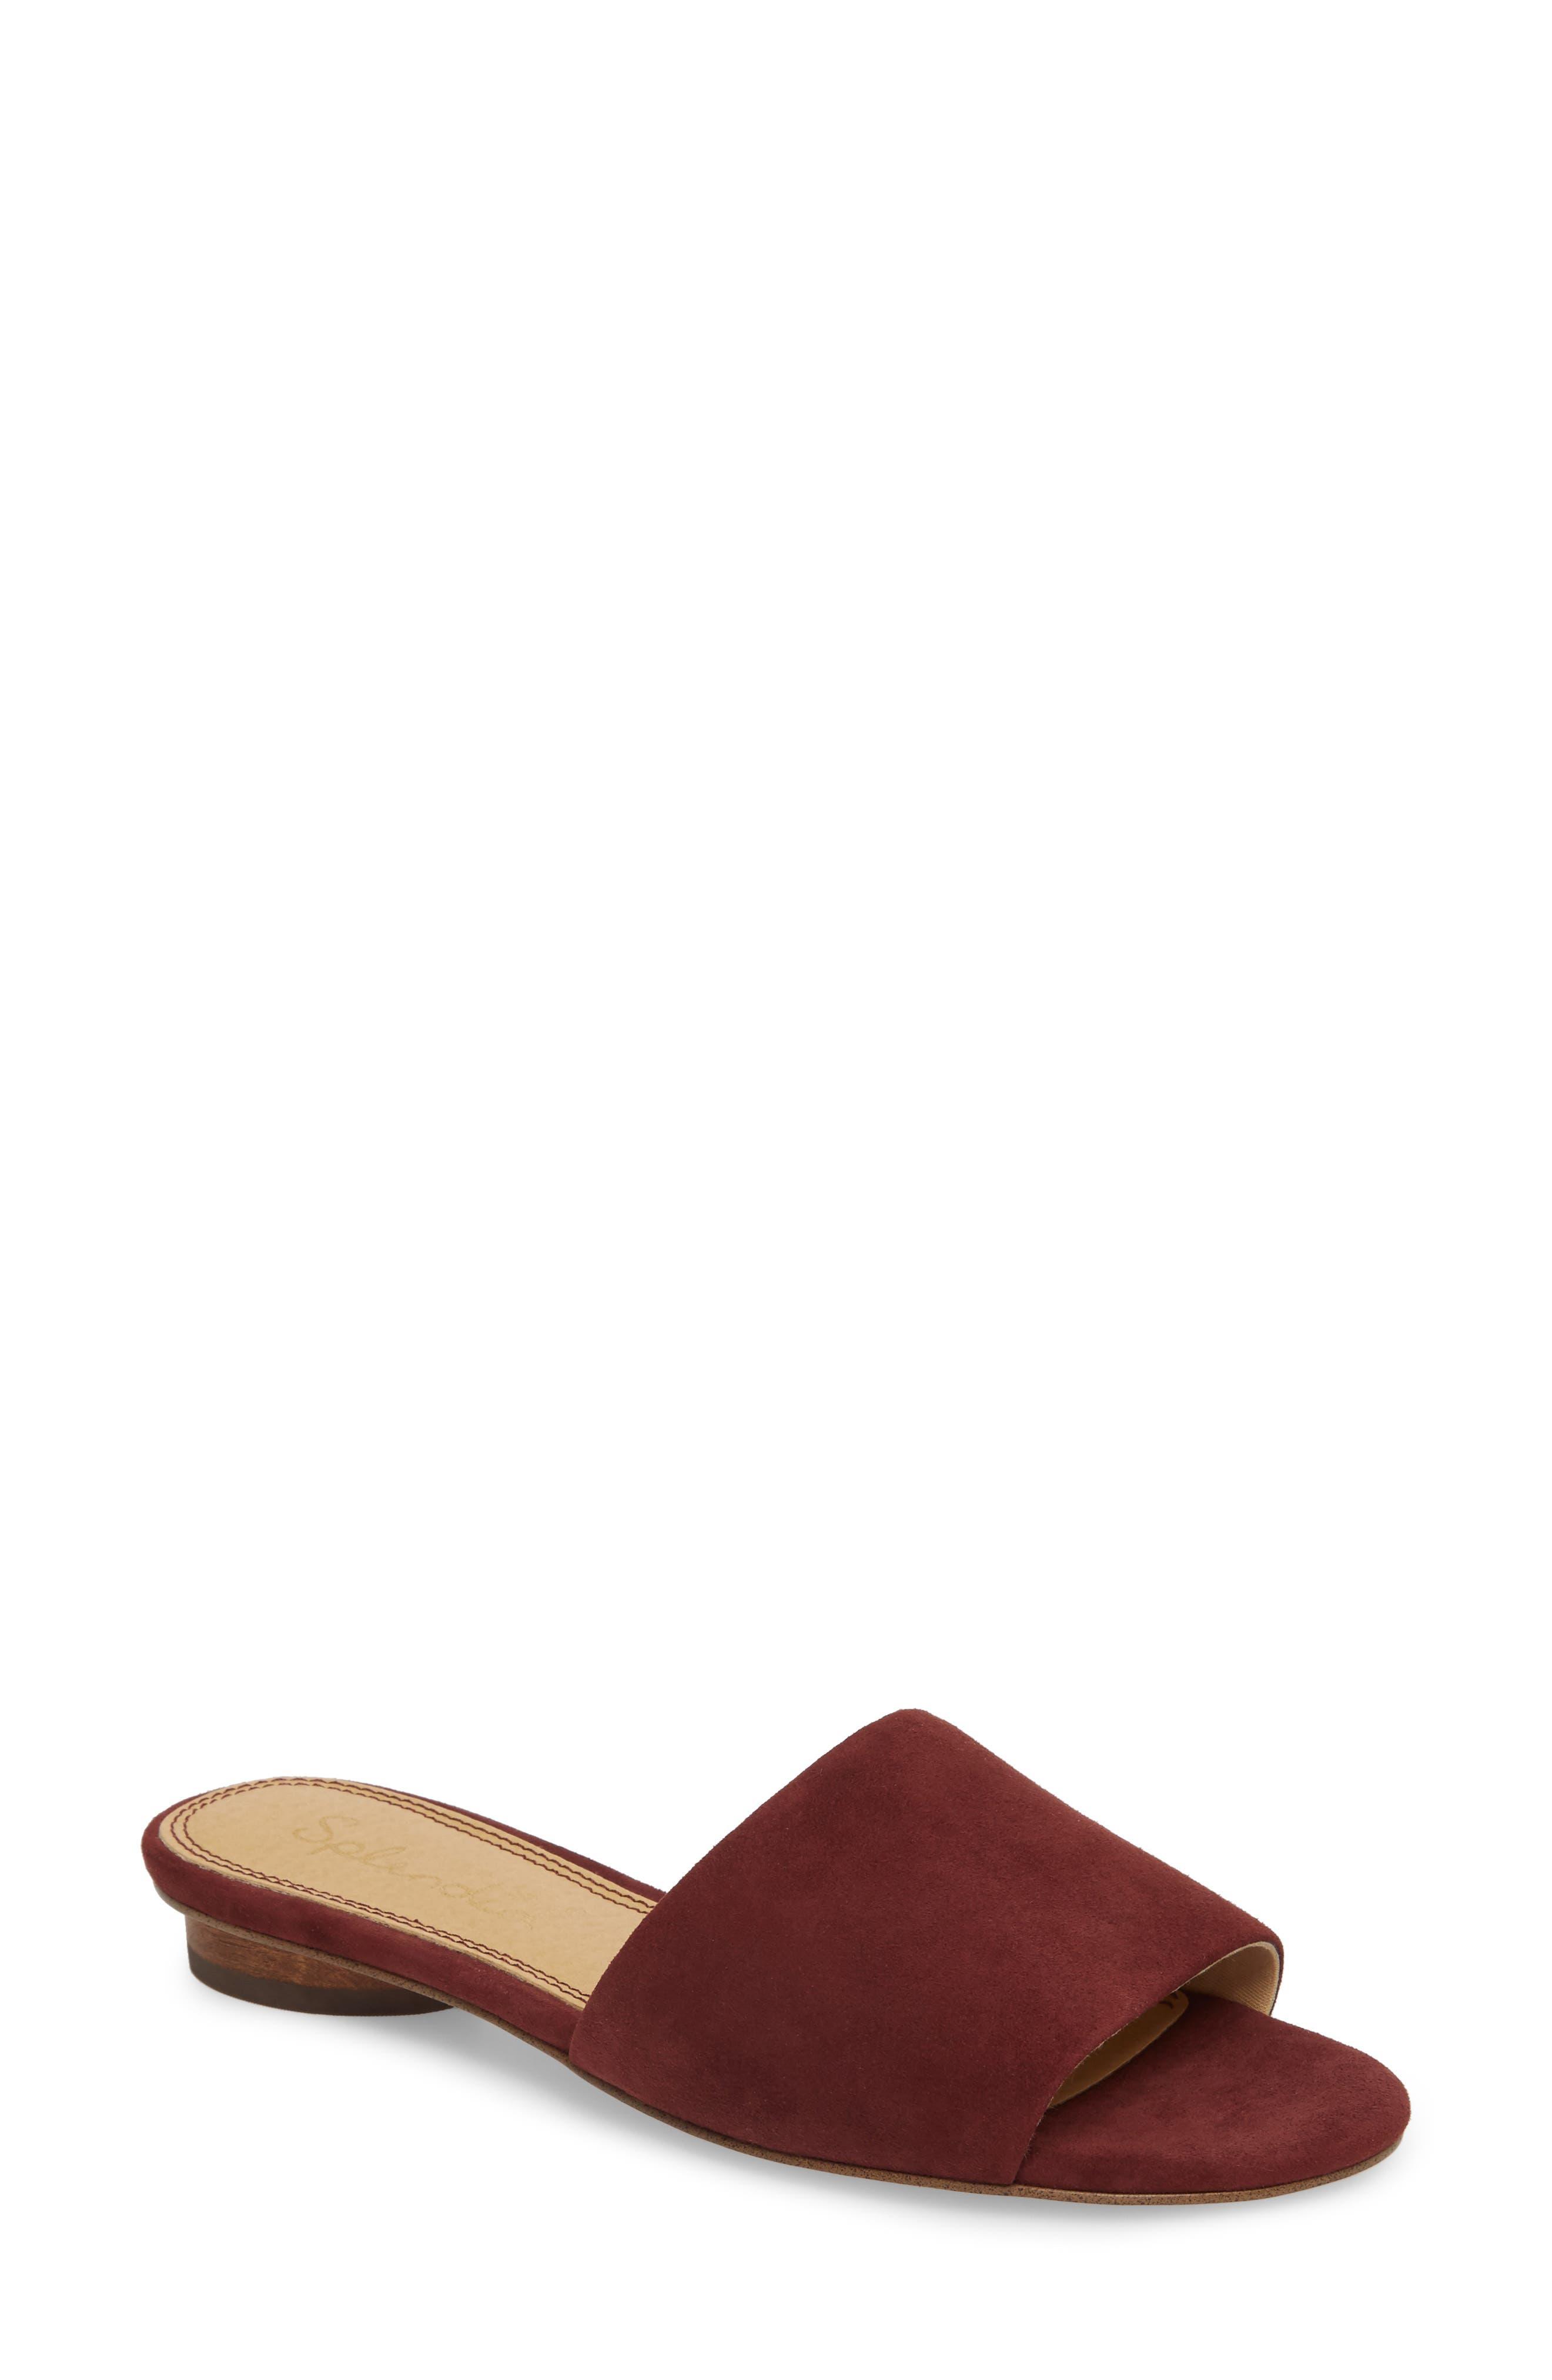 Main Image - Splendid Betsy Slide Sandal (Women)